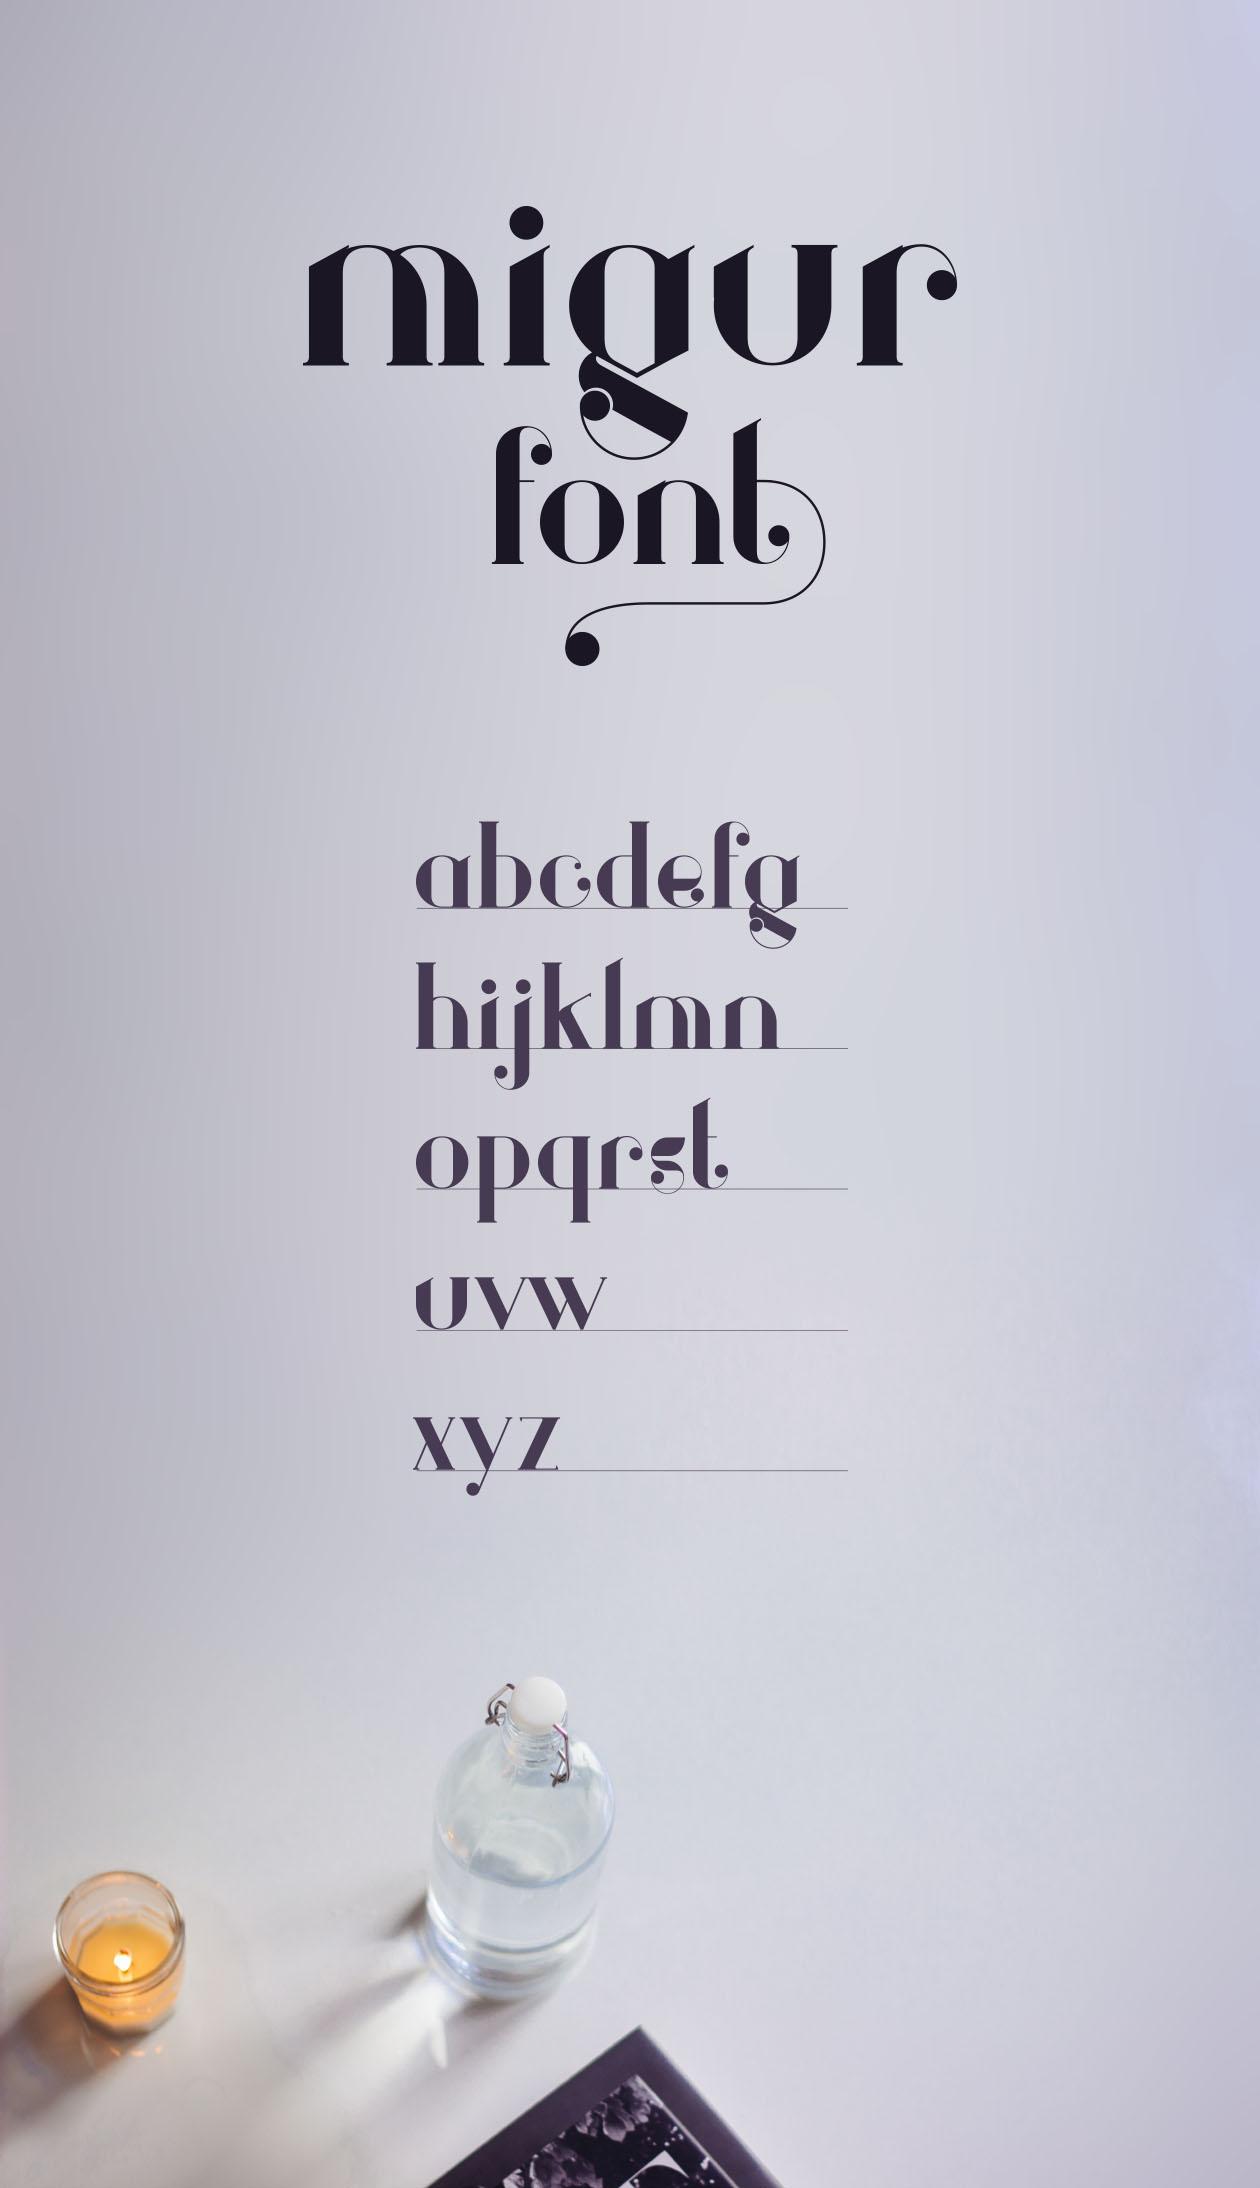 MIgur-Font-Post-1